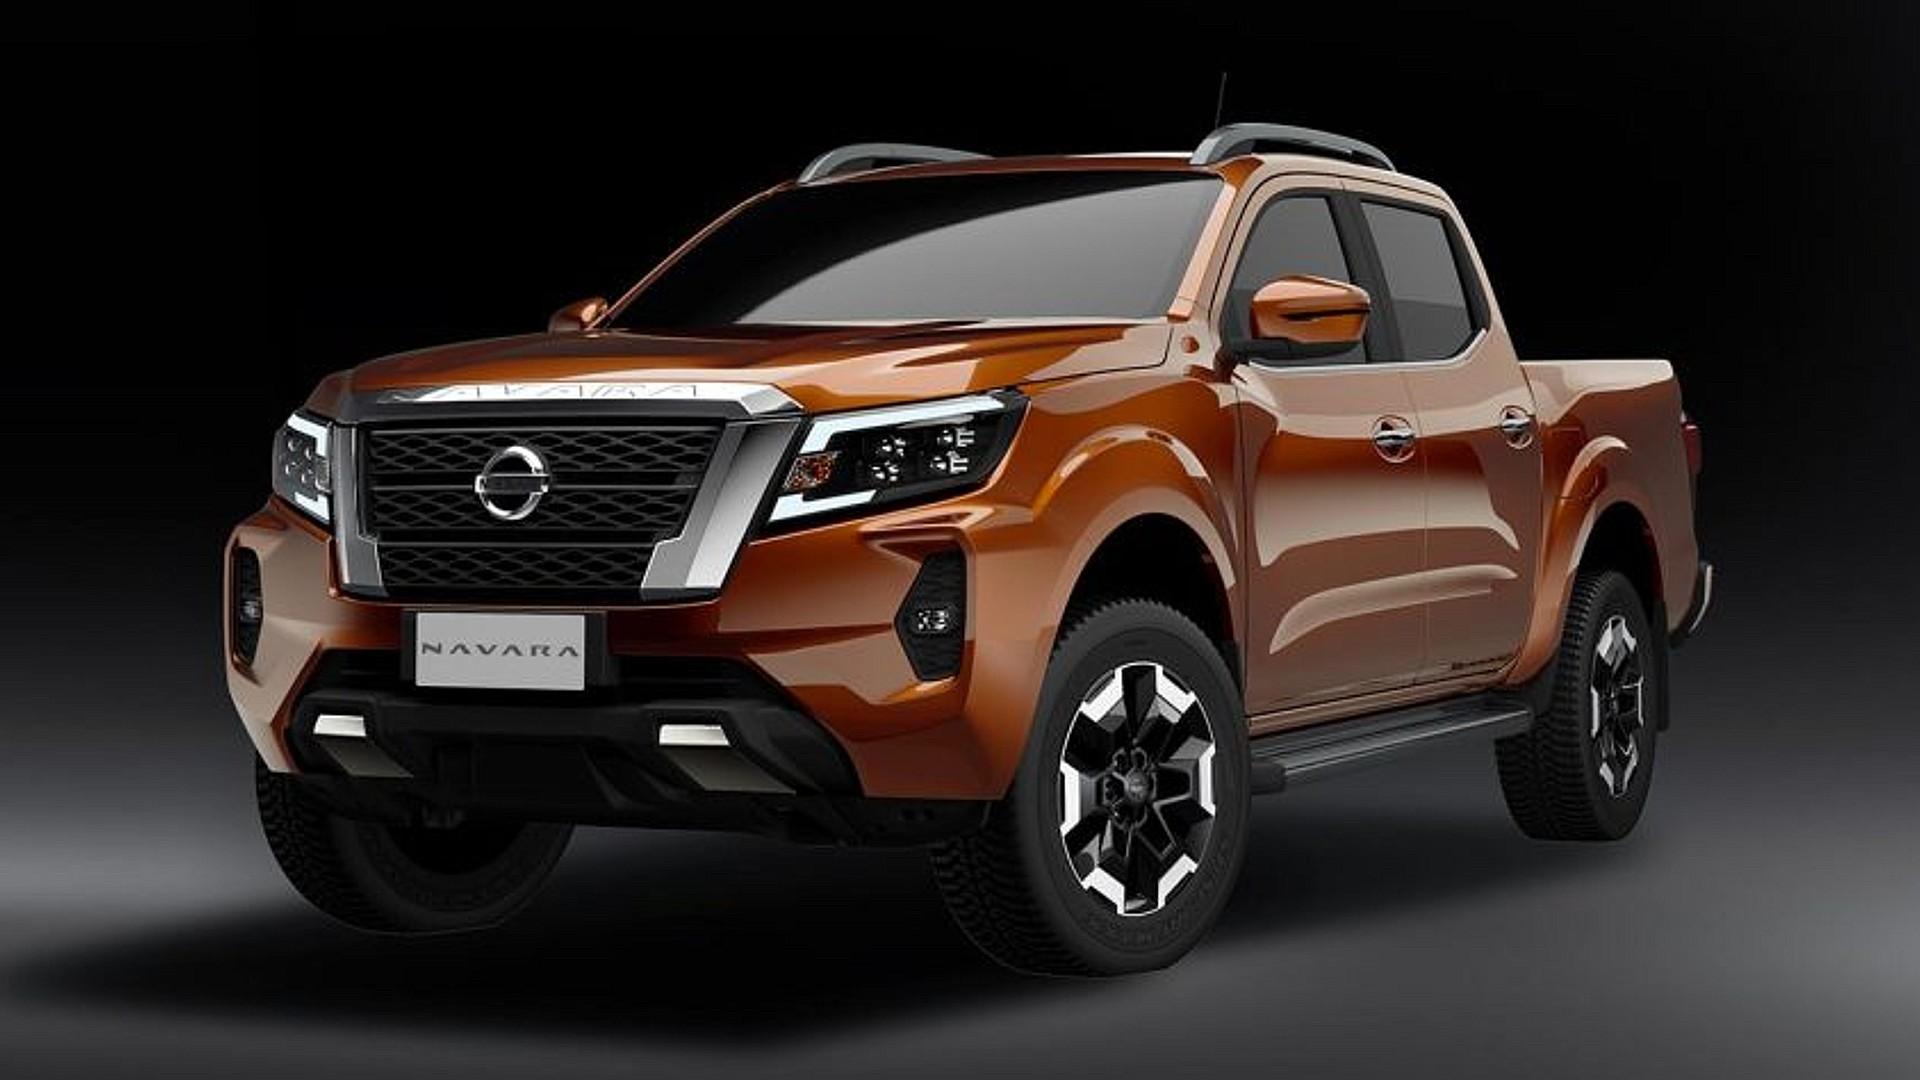 Ποιο θα είναι το μέλλον του Nissan Navara στην Ευρώπη;